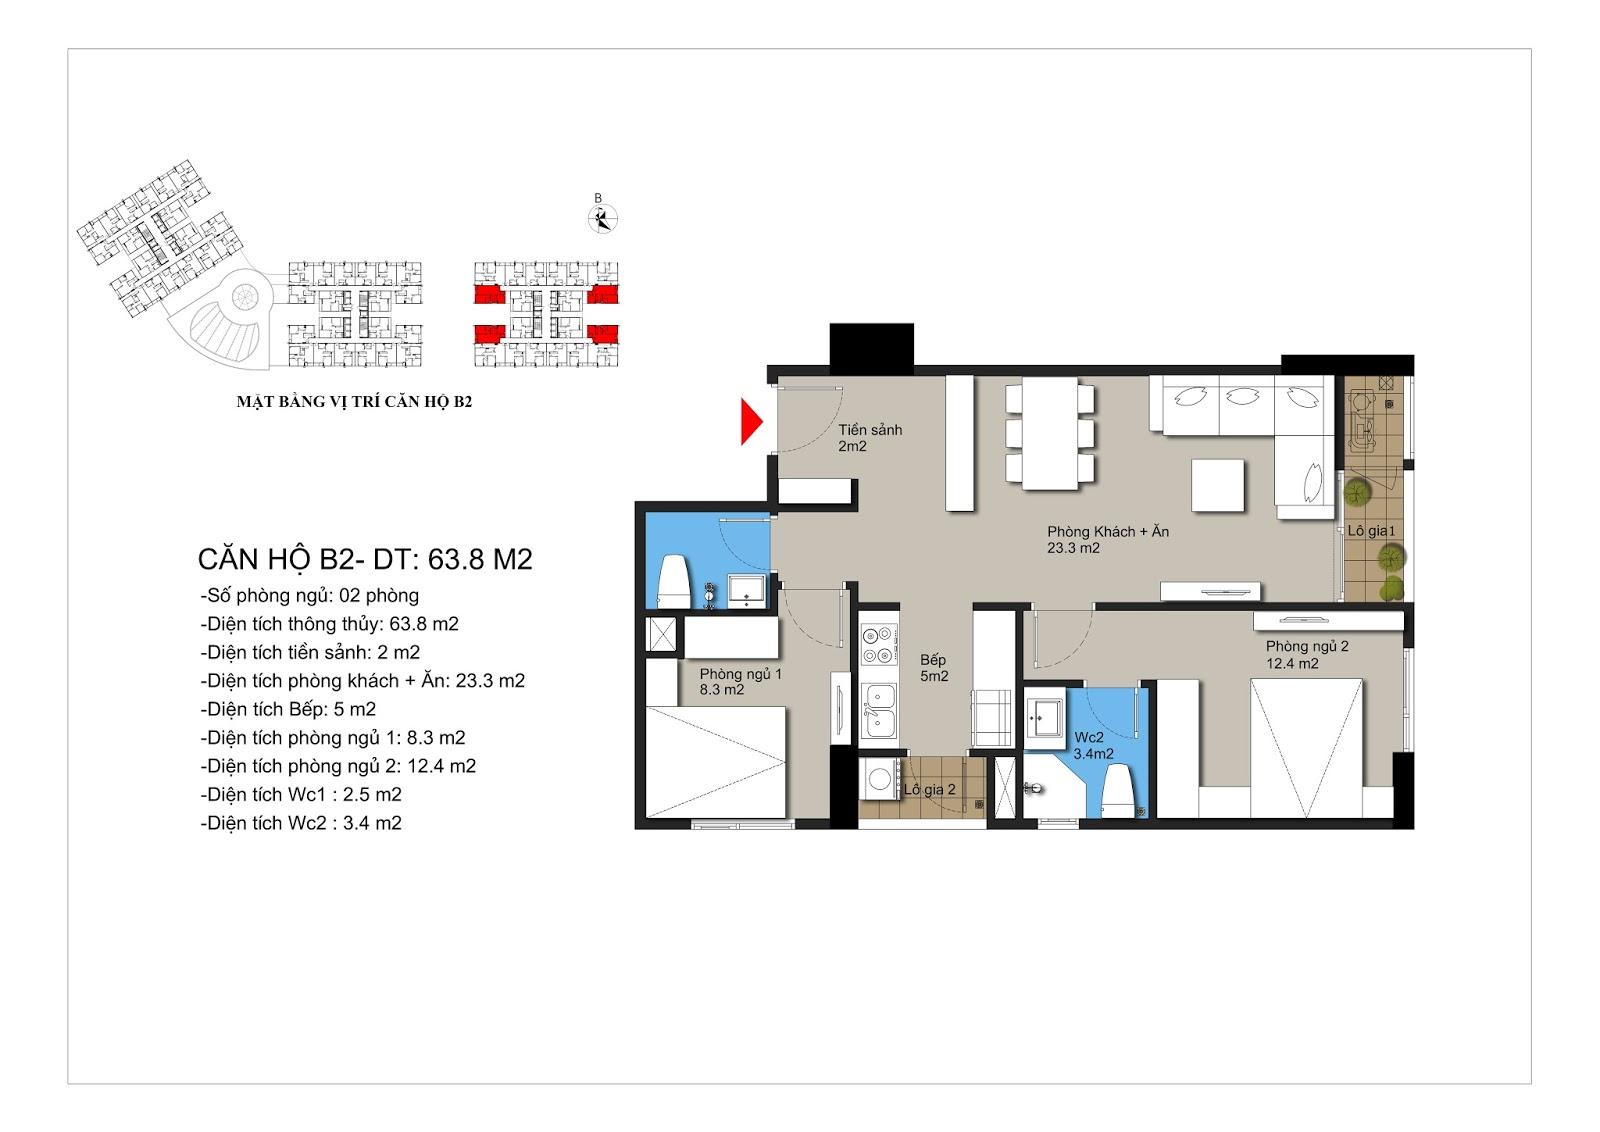 bản vẽ chi tiết ngôi nhà